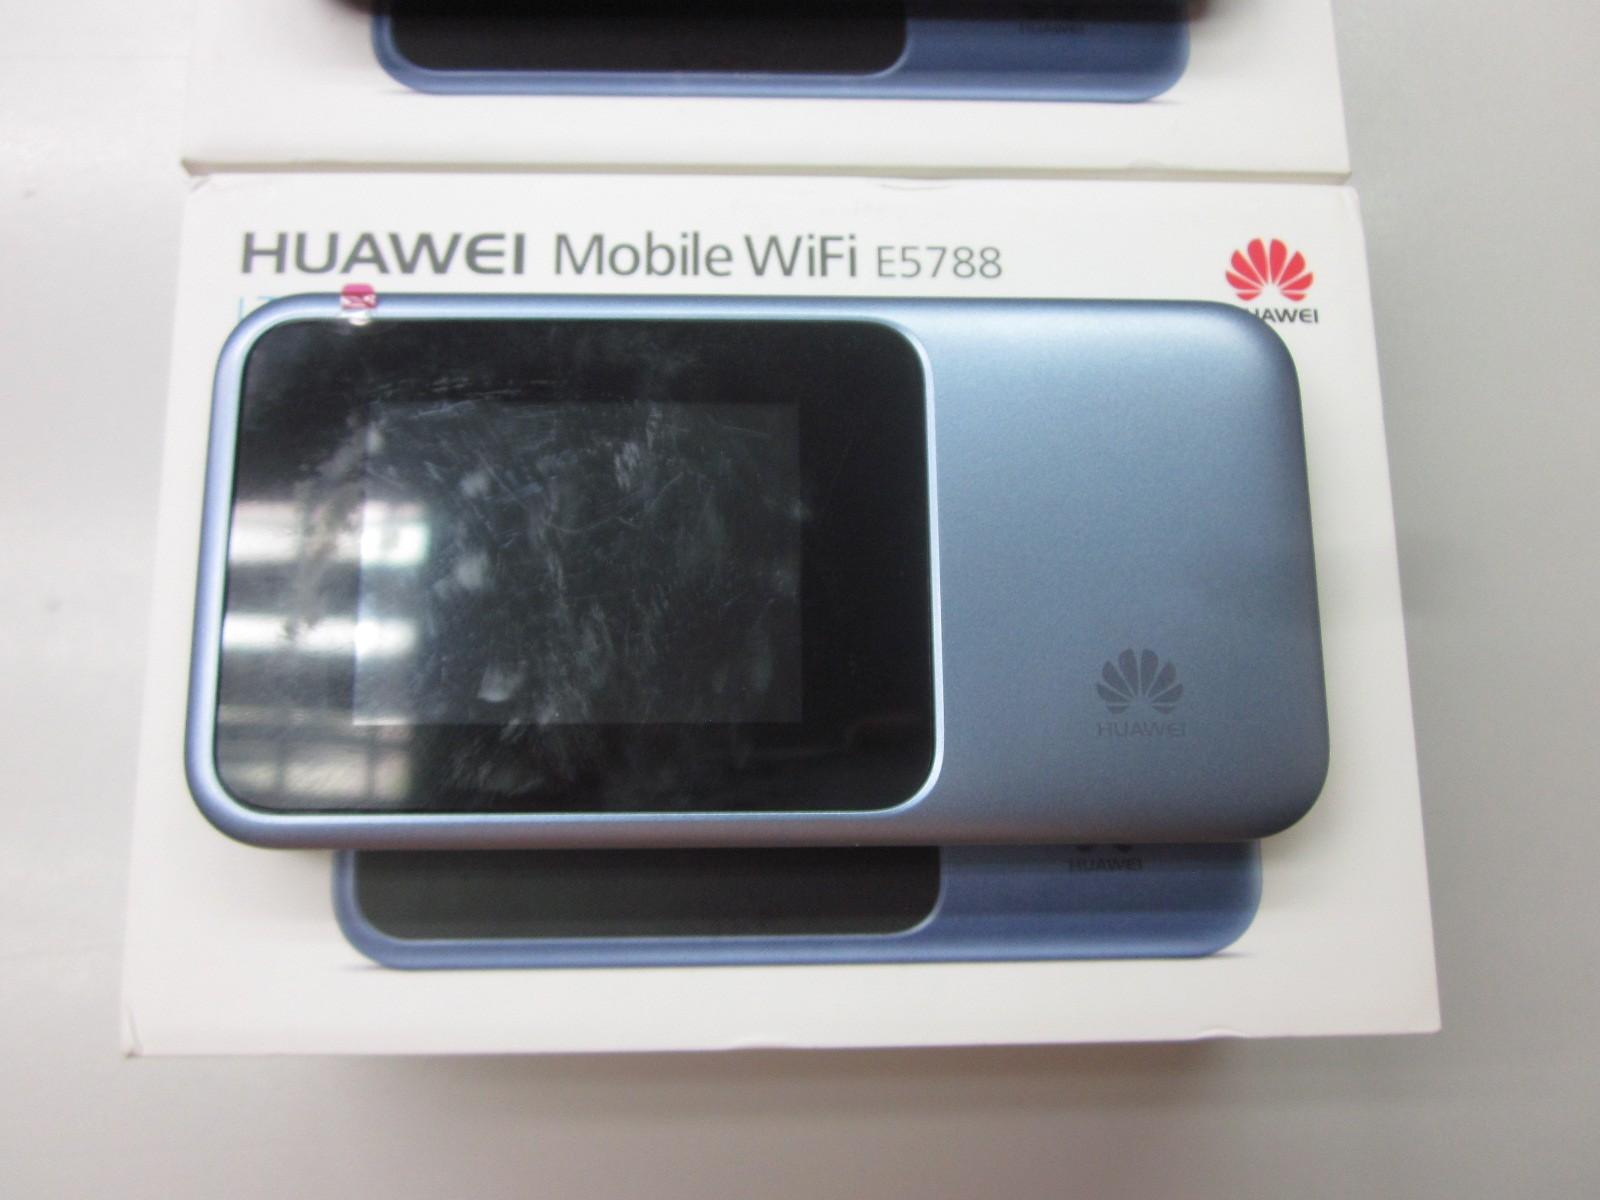 Huawei E5788 LTE MiFi Modem Router